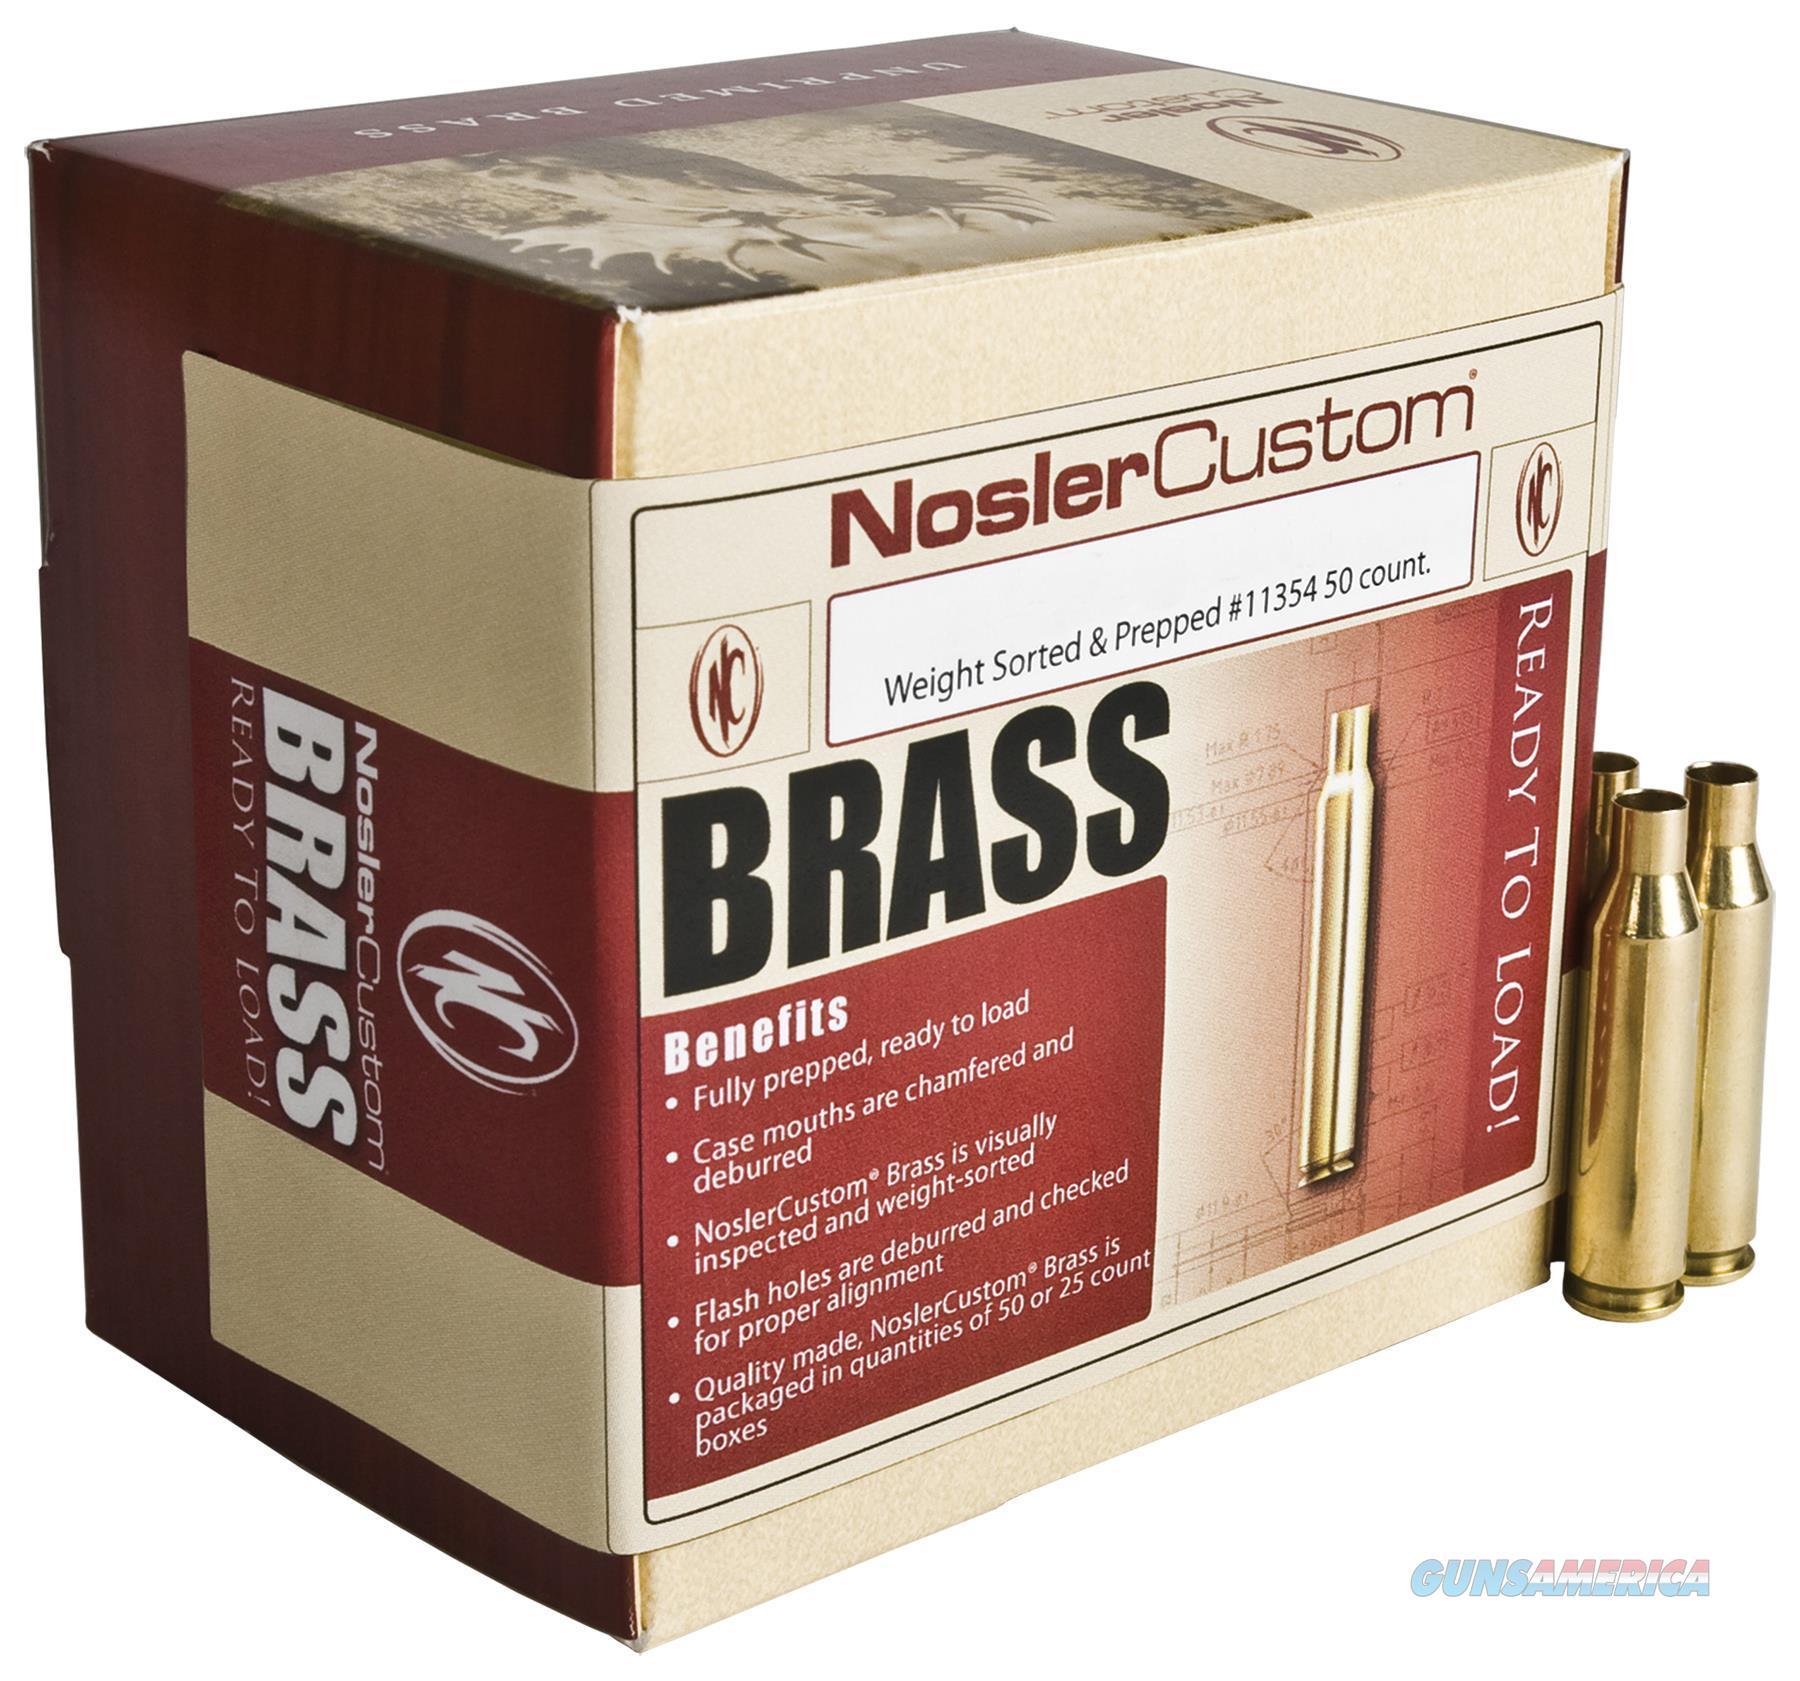 Nosler 11914 Brass Nosler 338 Lapua 11914  Non-Guns > Reloading > Components > Brass